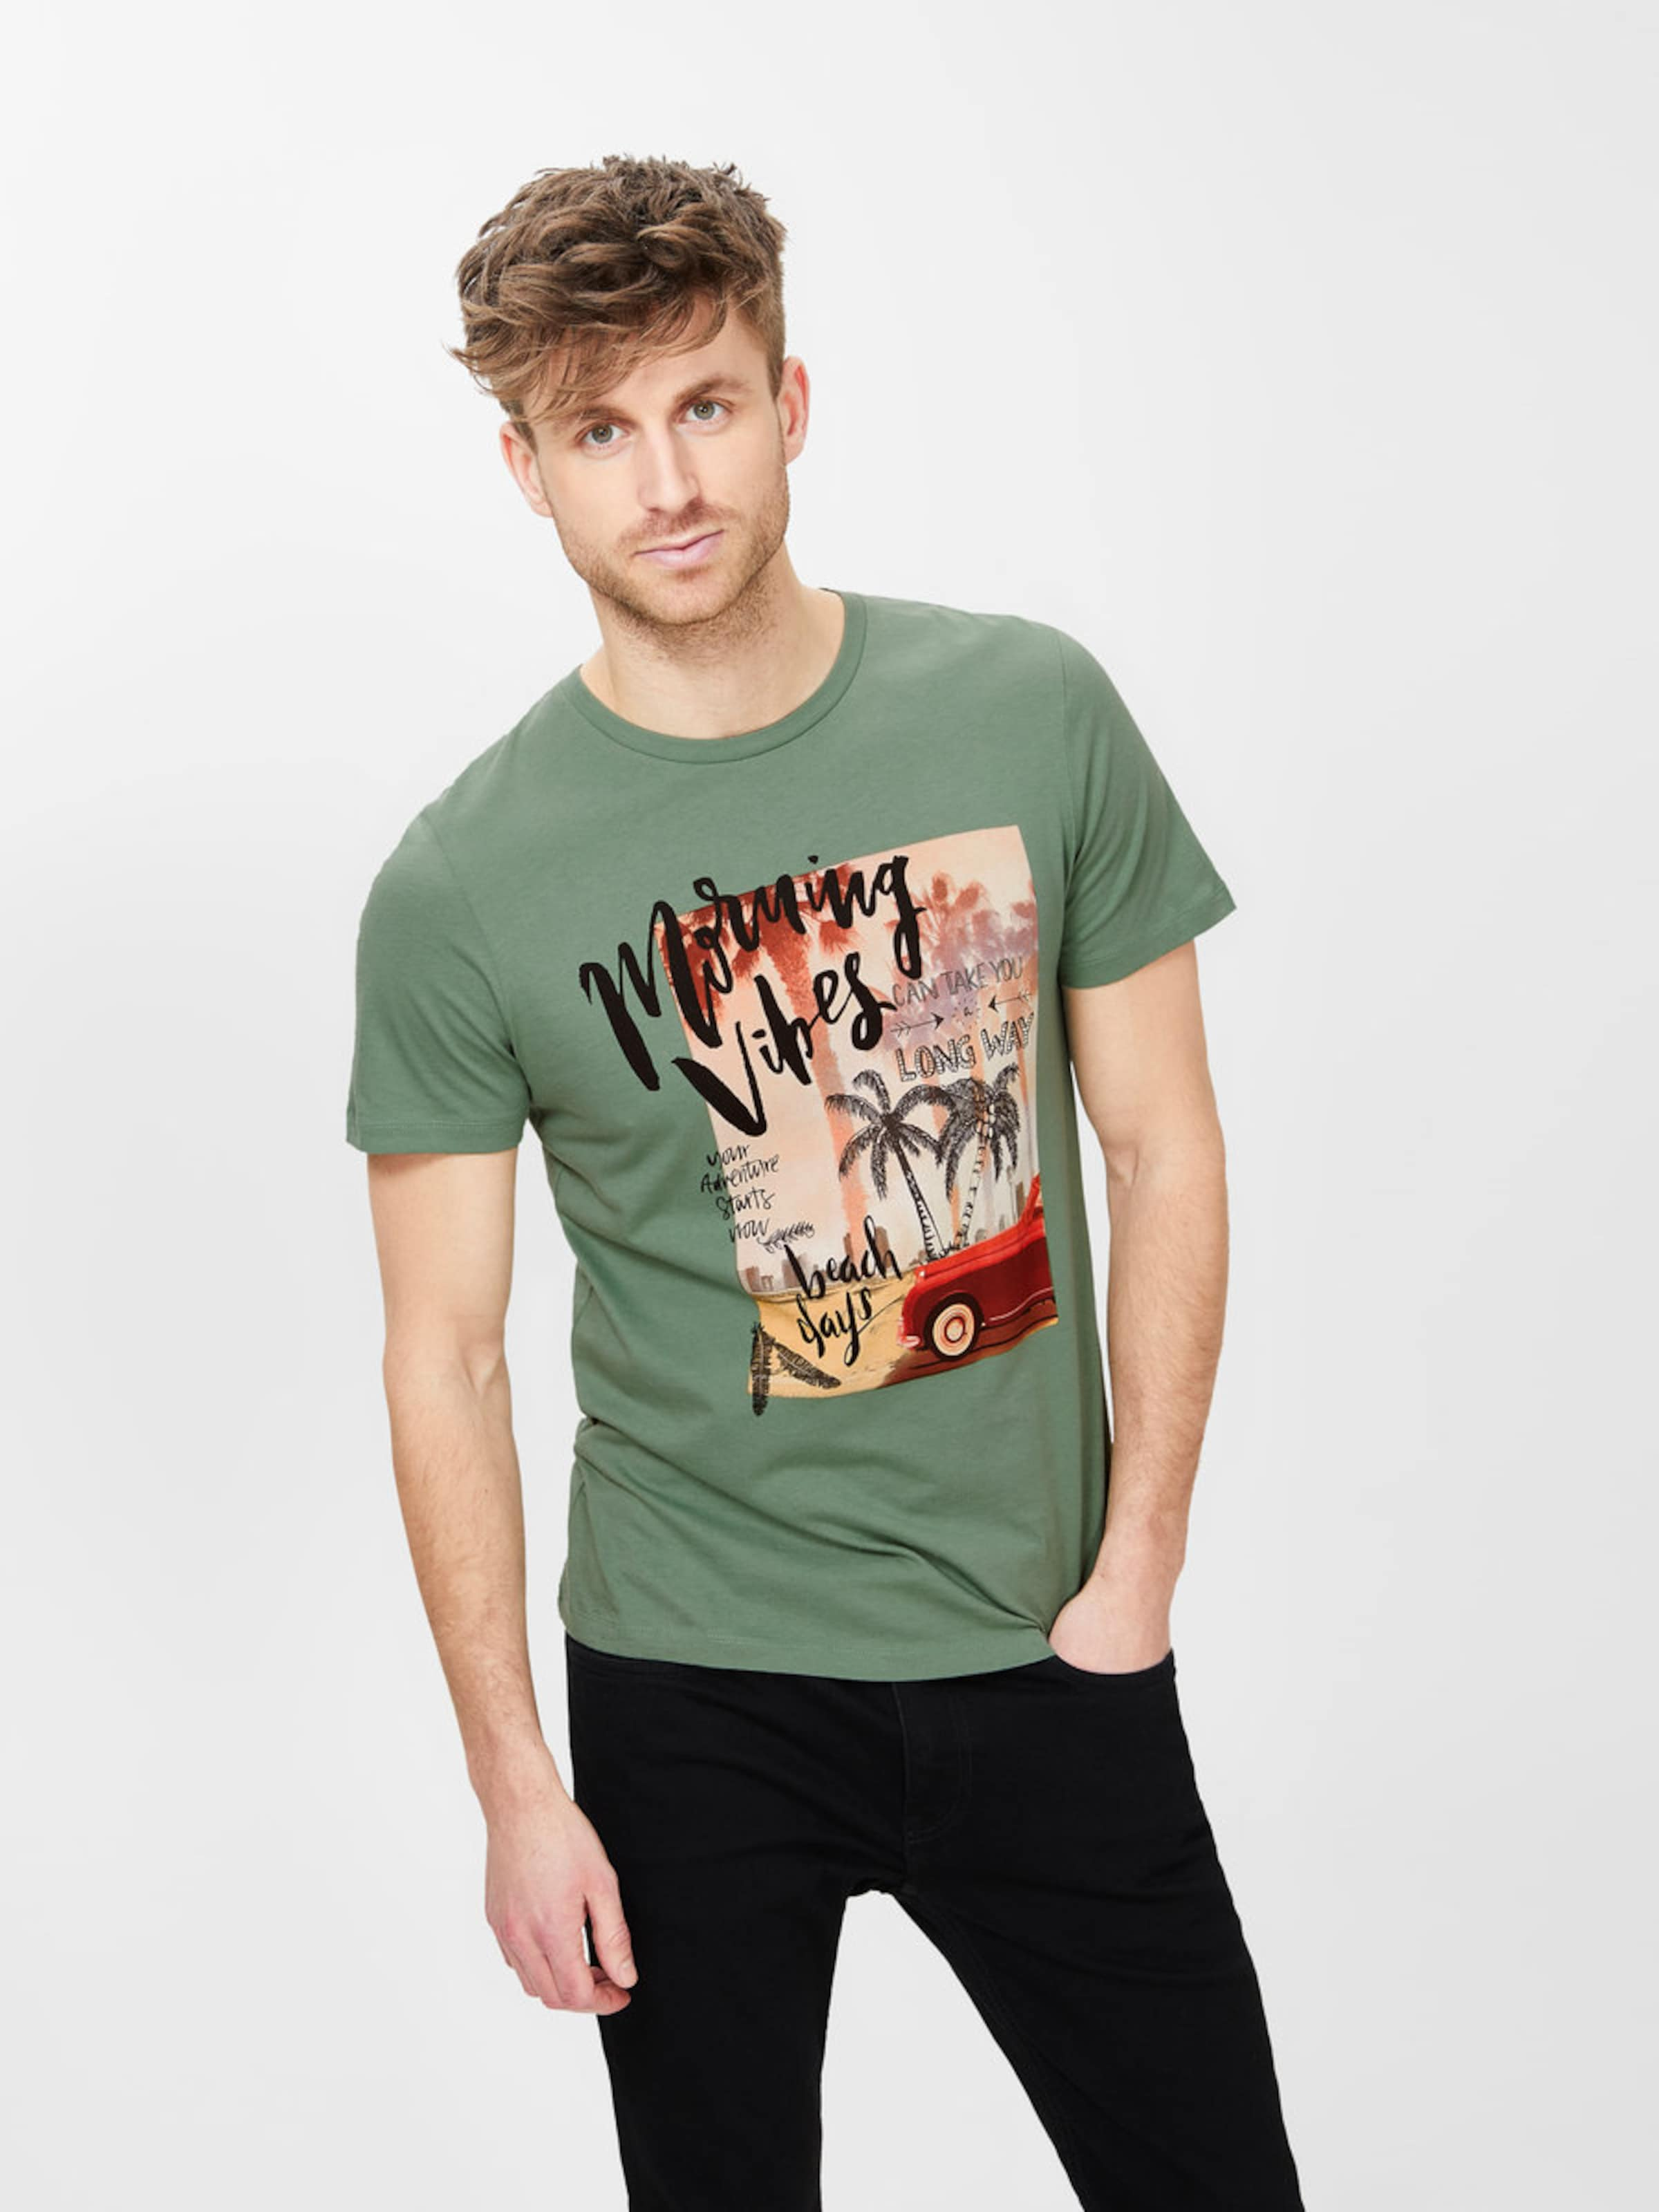 Mit Kreditkarte Zu Verkaufen Für Schönen Verkauf Online Produkt Print T-Shirt aRmUYXYaE